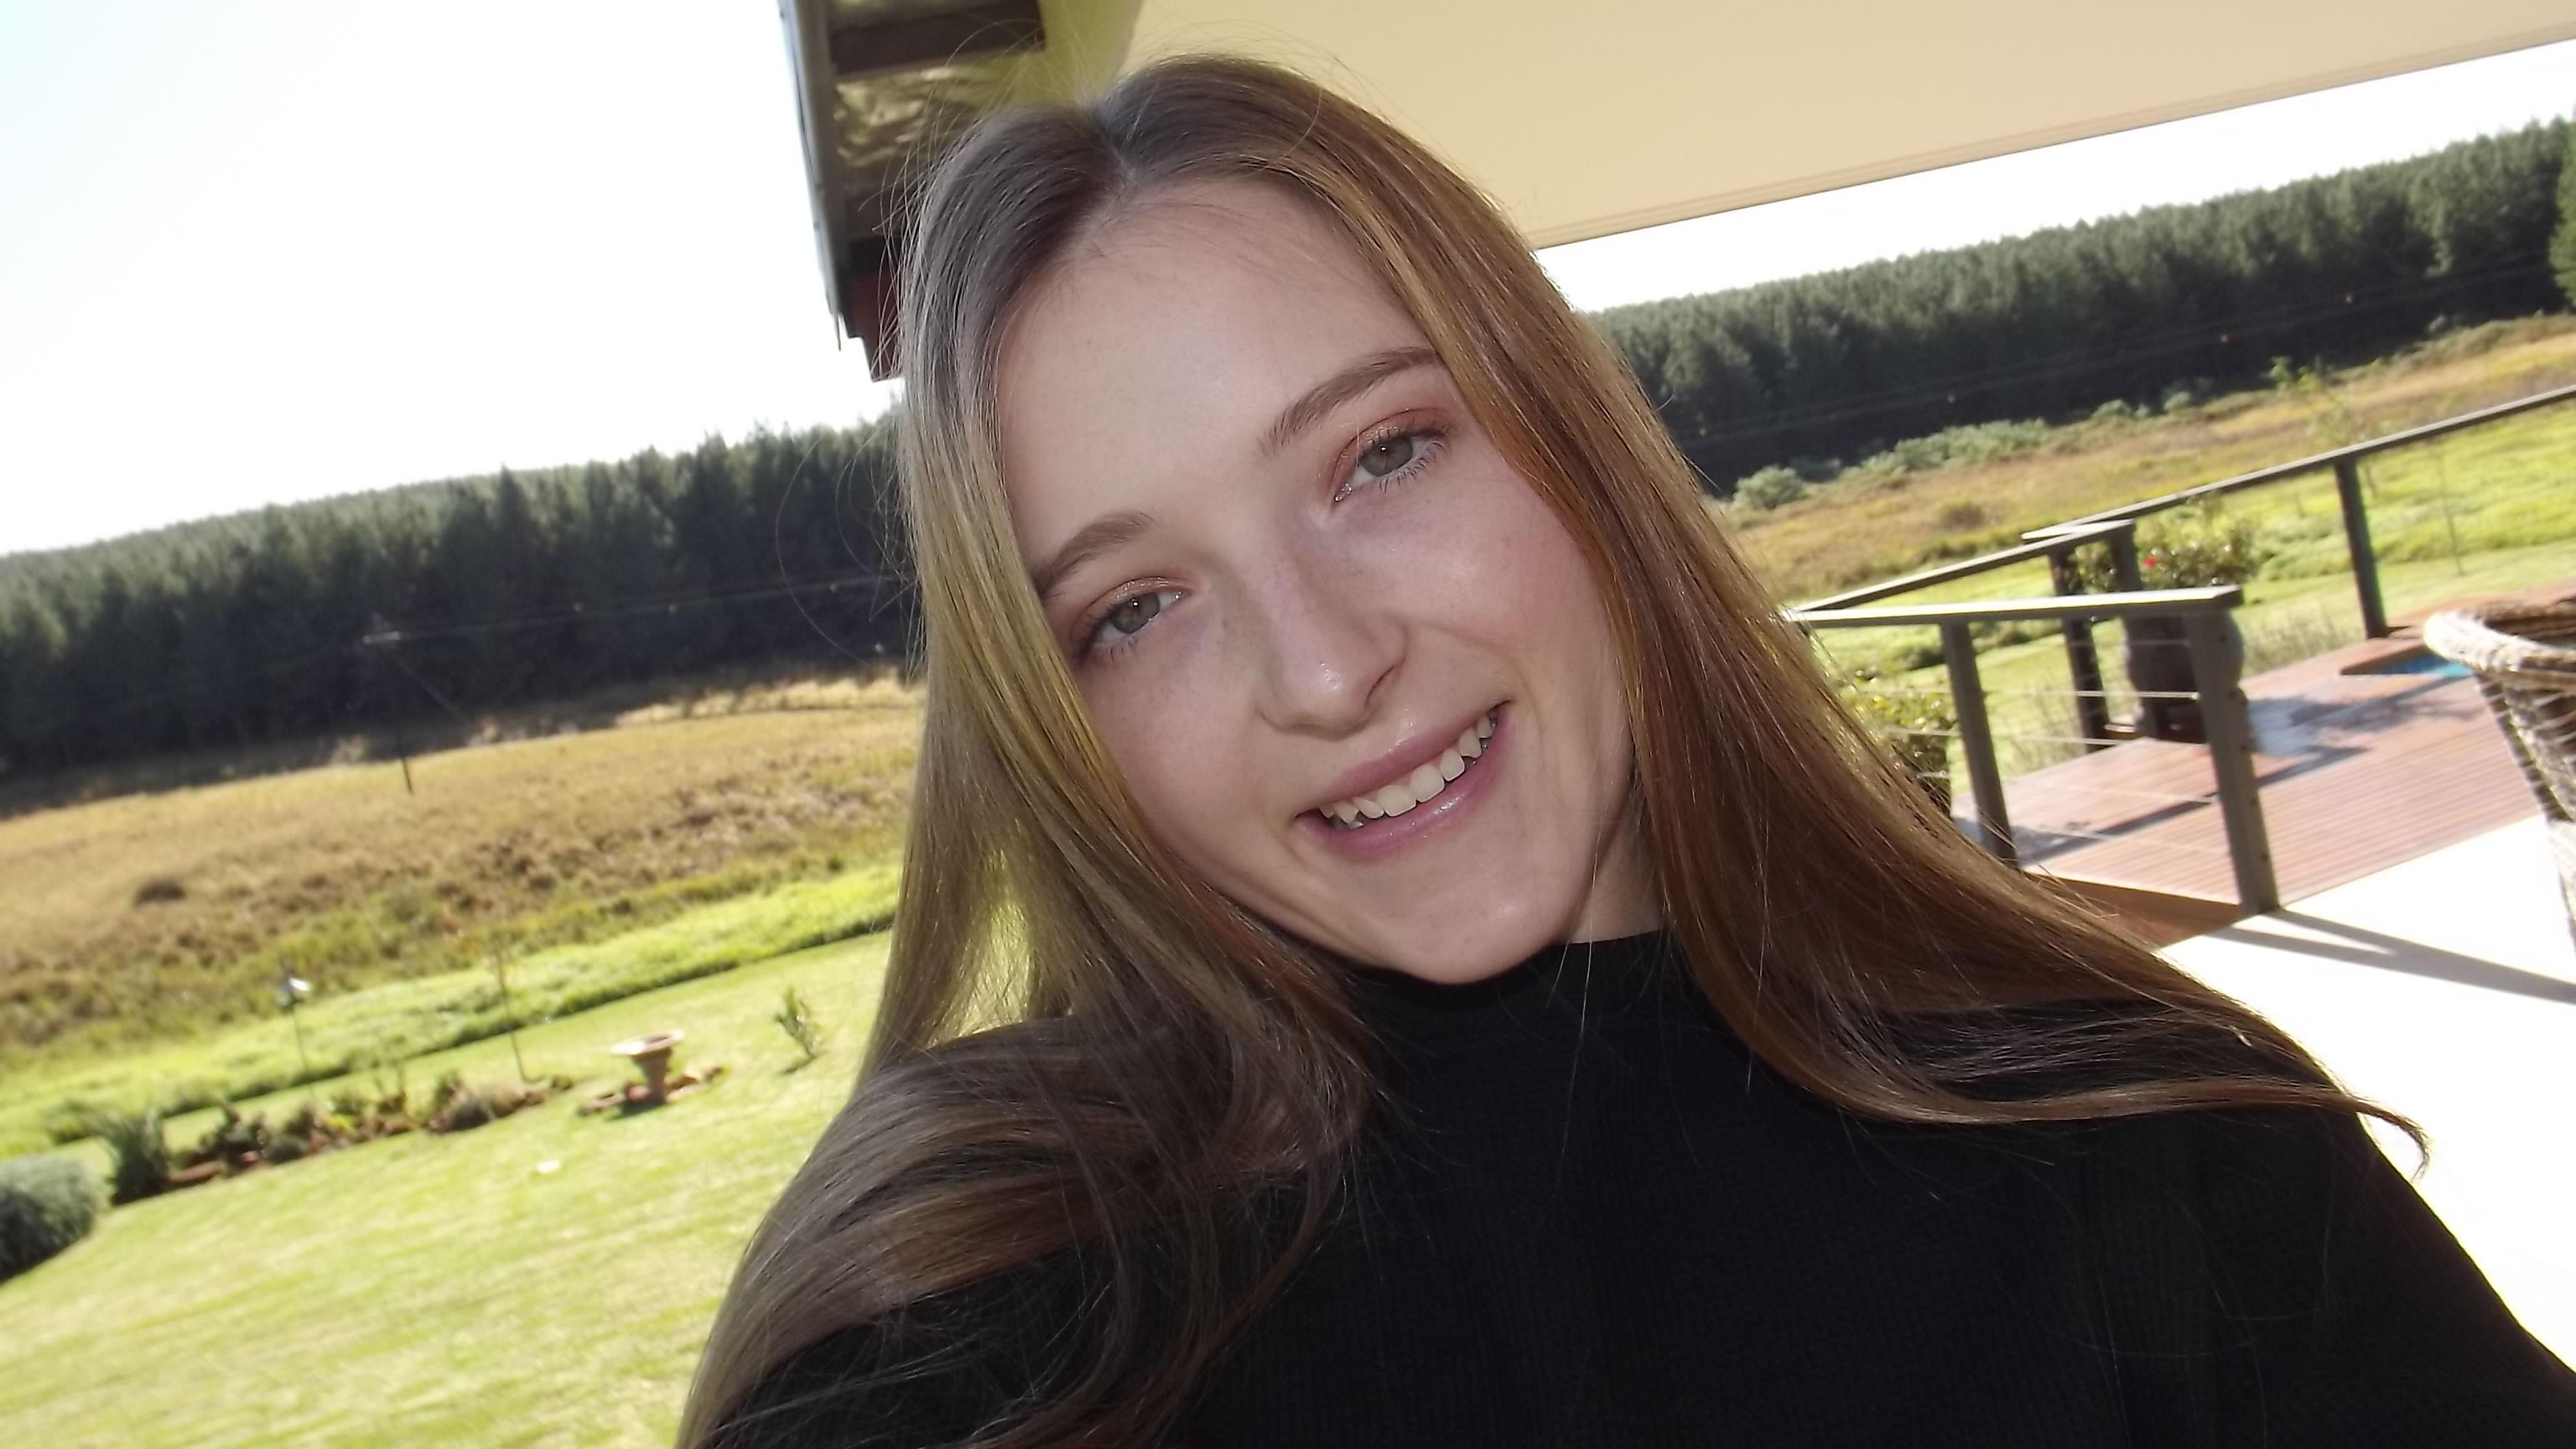 Kirsten Ivins